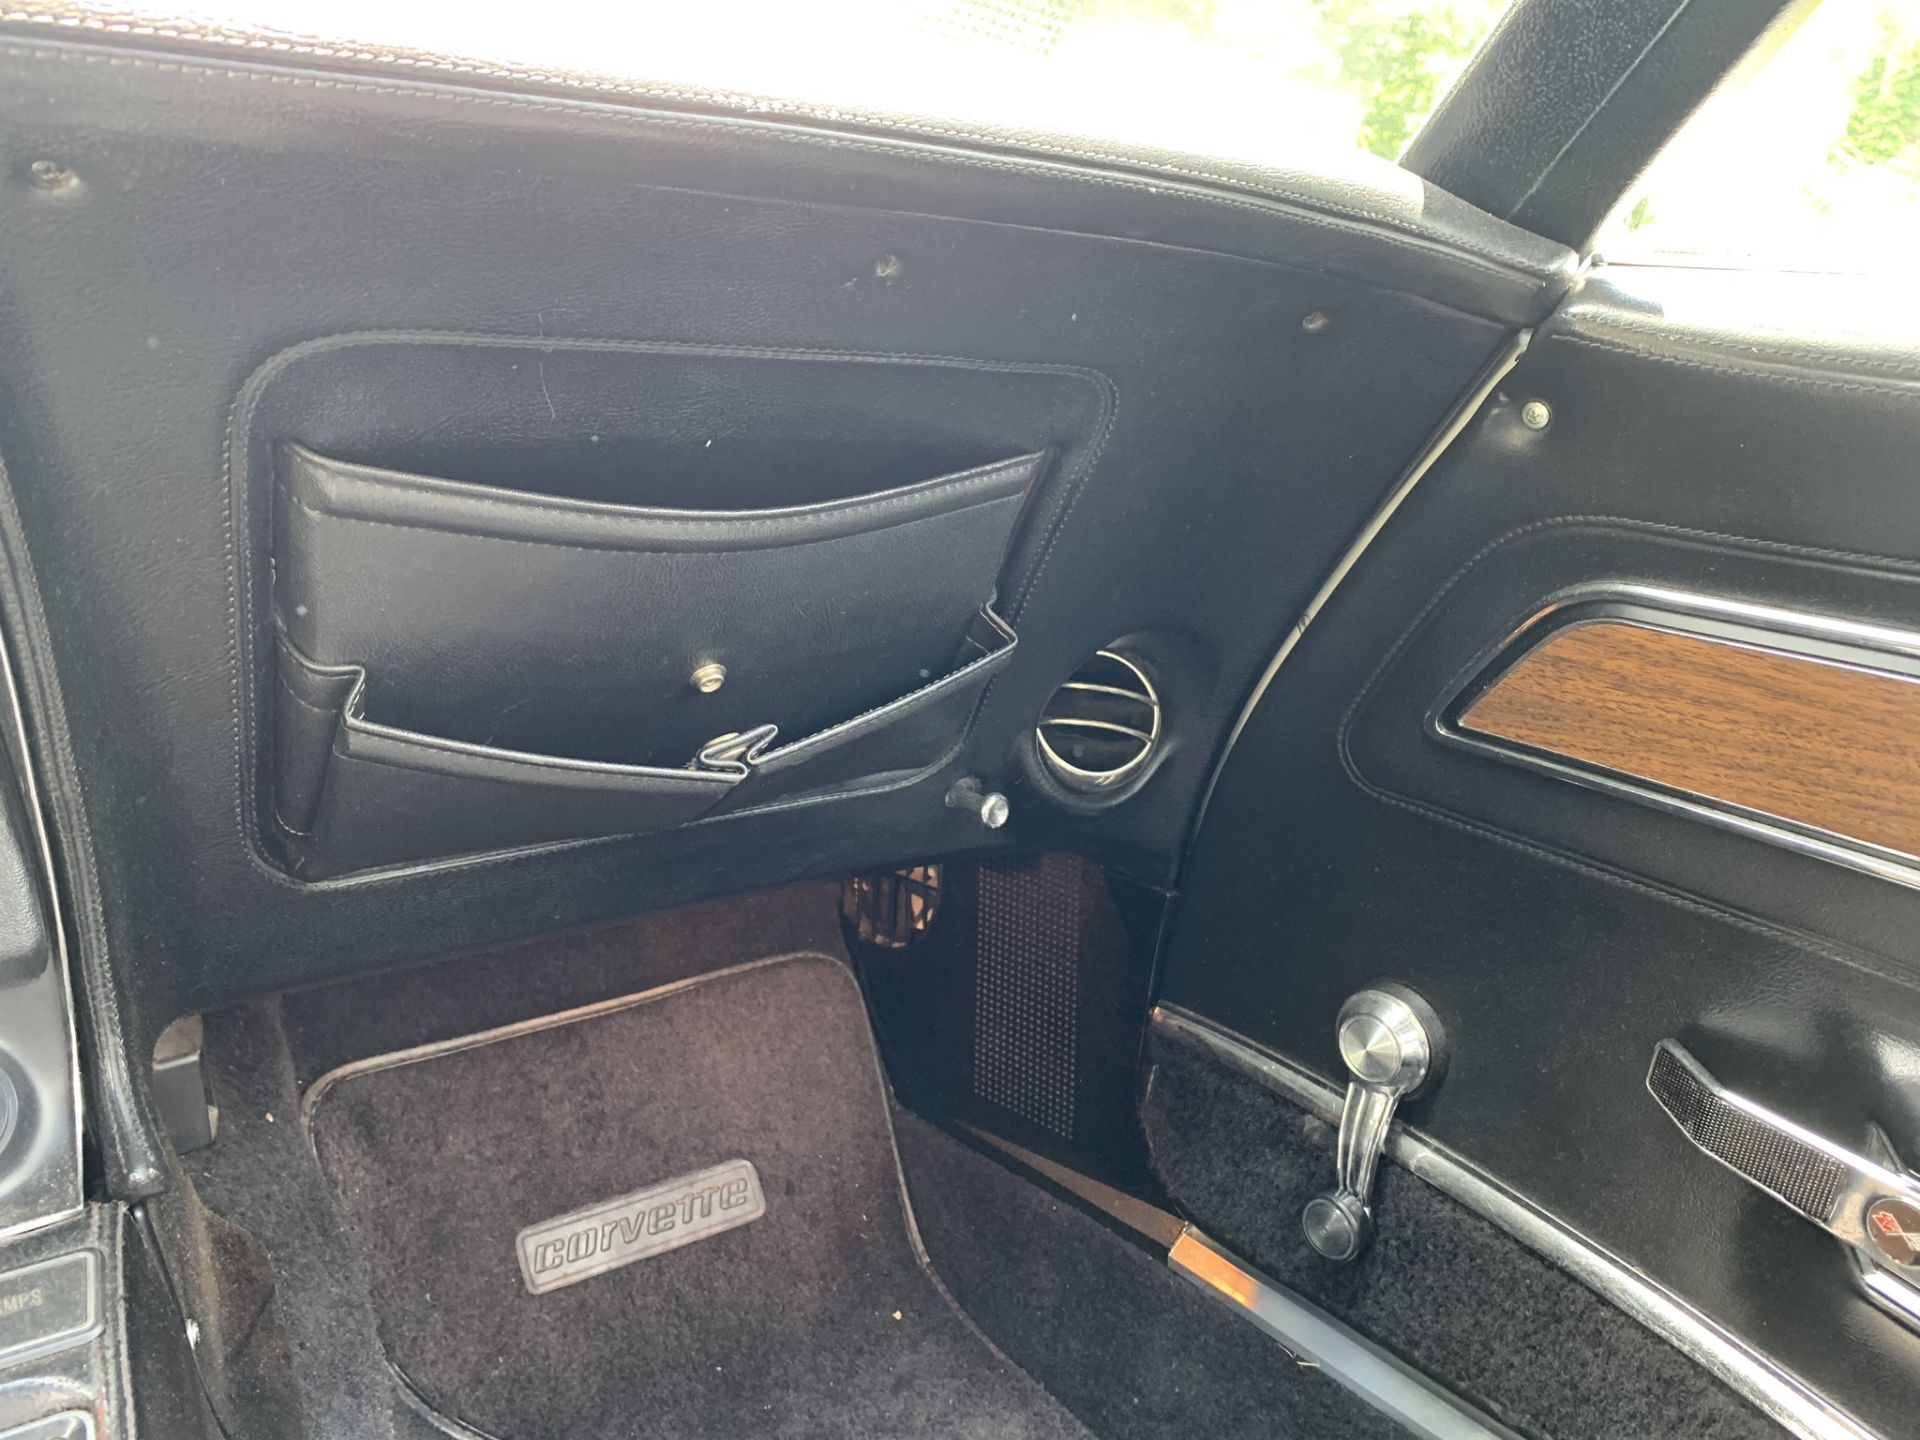 Lot 1 - 1970 Chevrolet Corvette LT-1